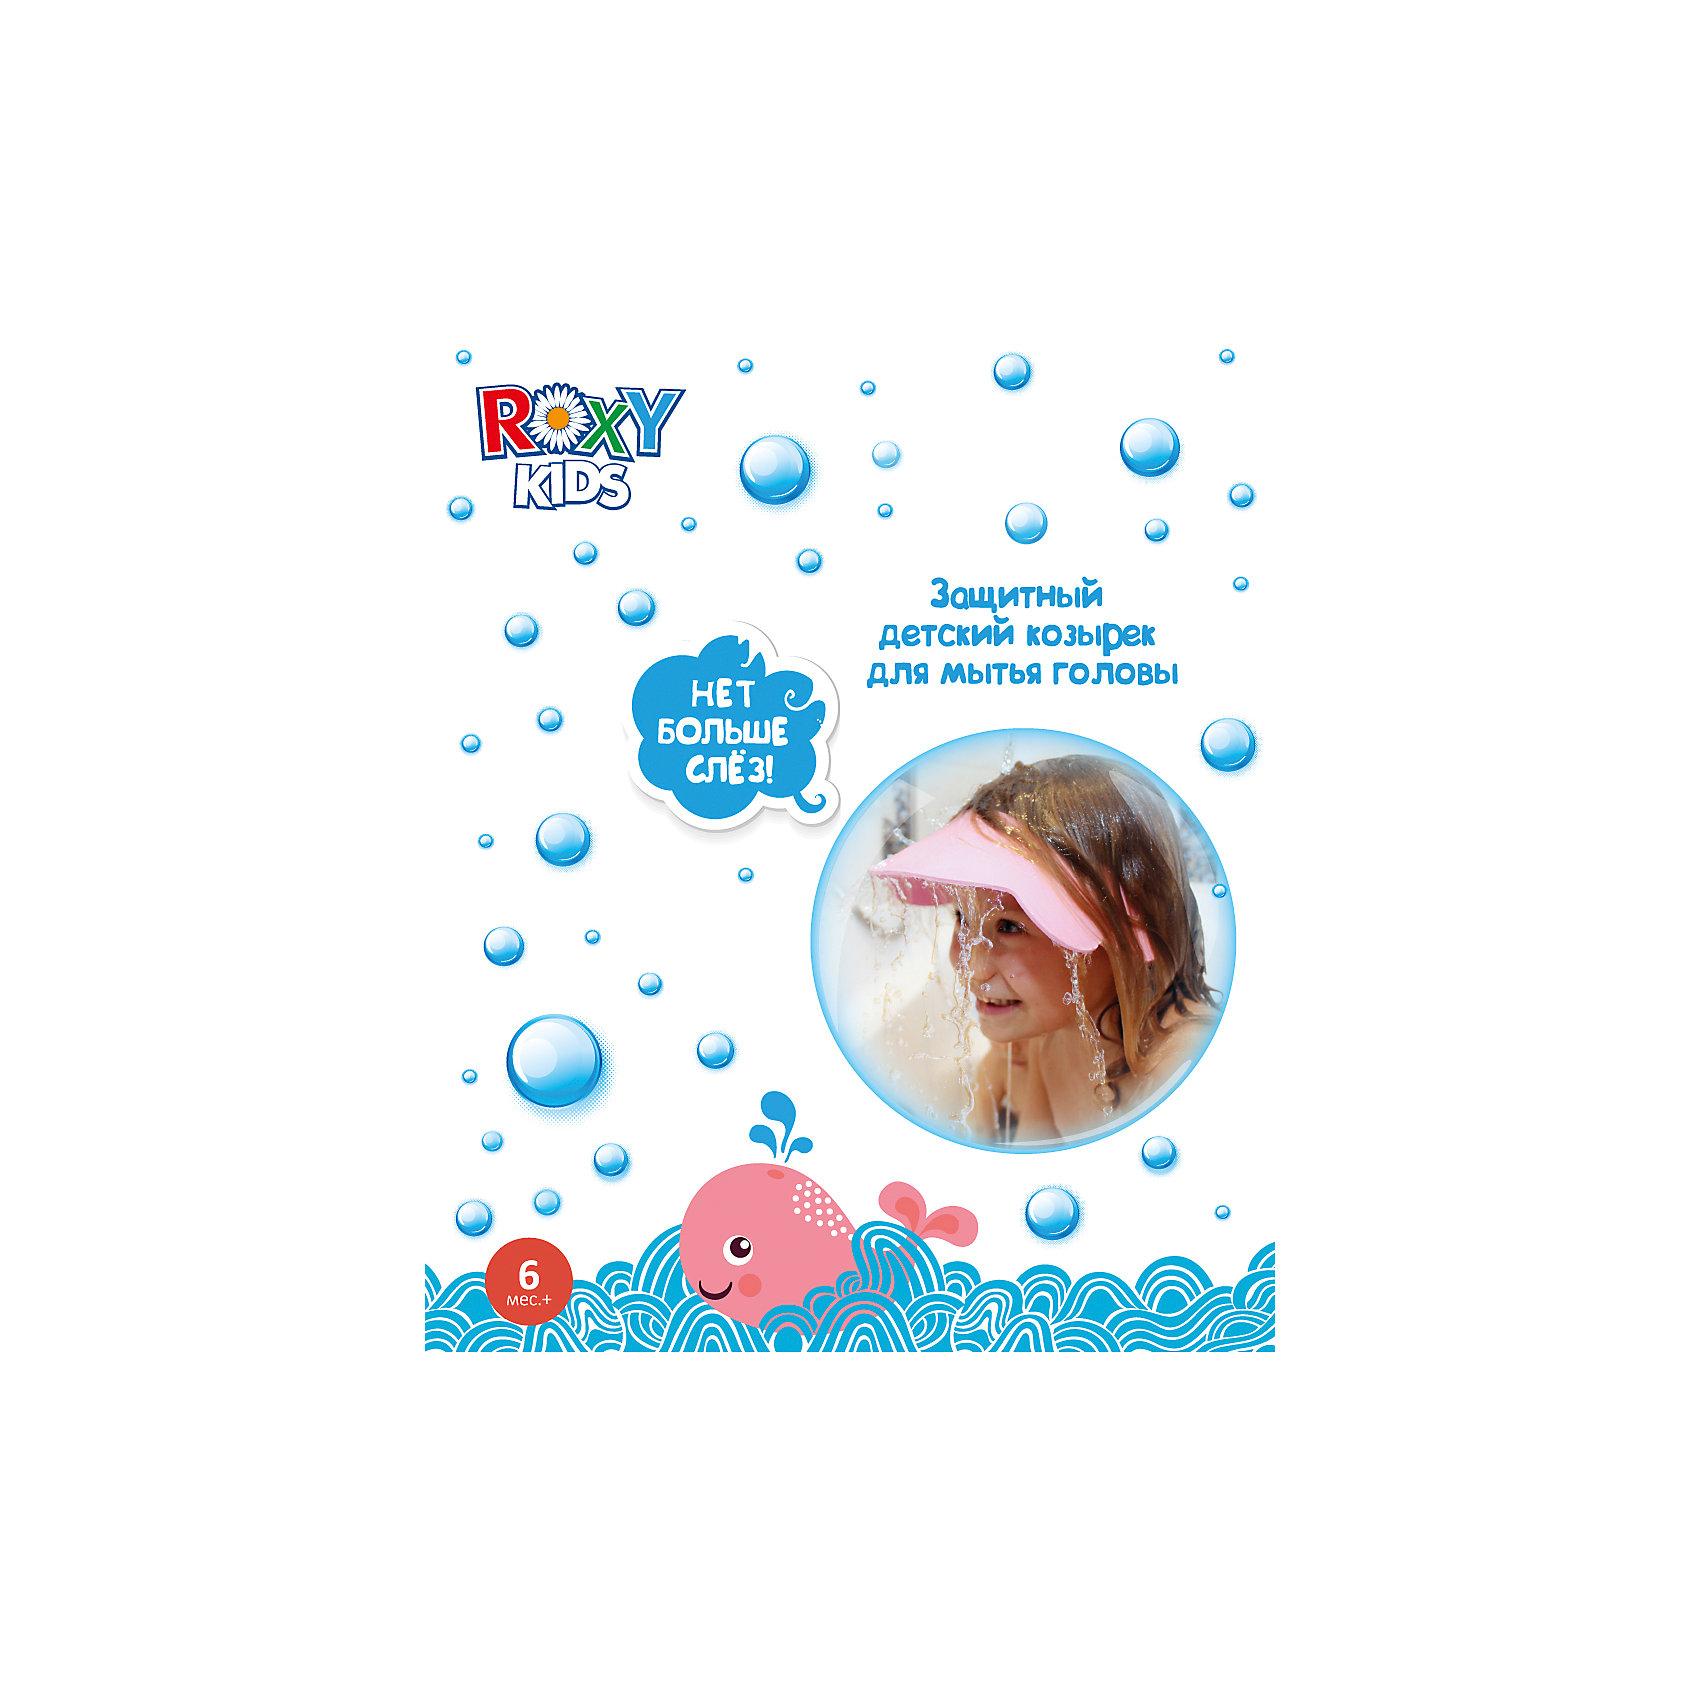 Защитный козырек  для мытья головы, Roxy-Kids, желтый